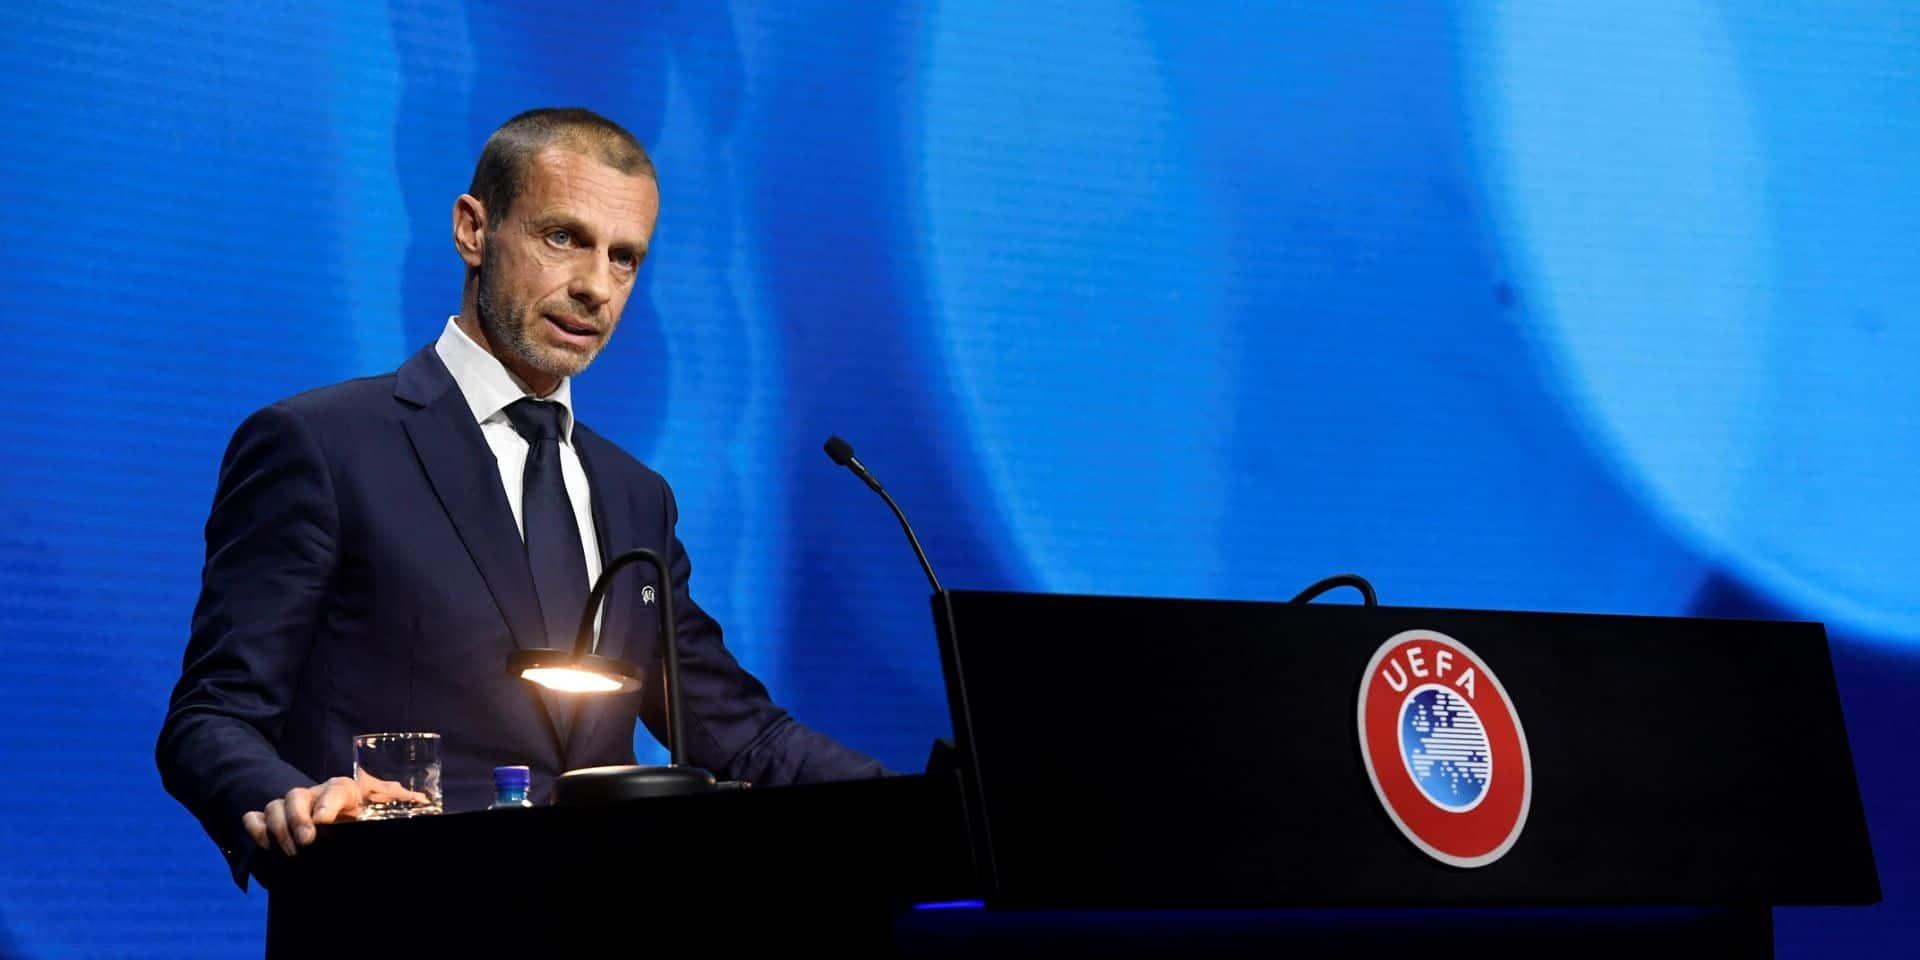 Super League: Aleksander Ceferin assure qu'il y aura des sanctions contre les promoteurs